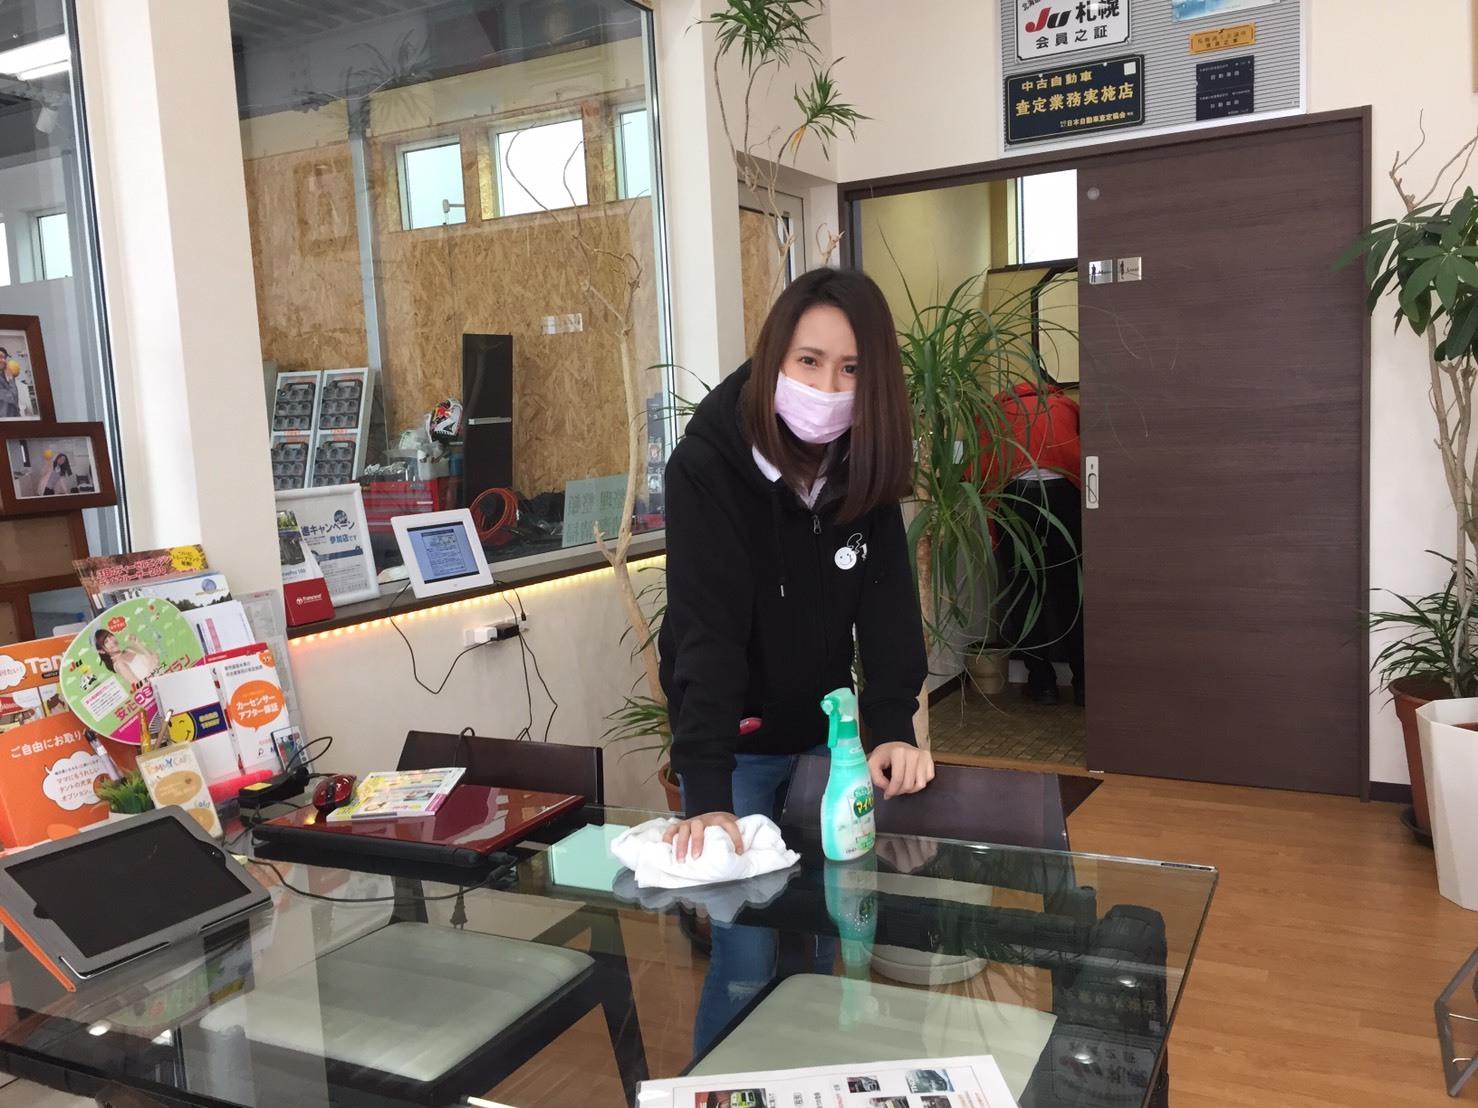 4月11日㈬本店なっちゃんブログ(*ꆤ.̫ꆤ*)ランクル アルファード レクサス._b0127002_16351473.jpg